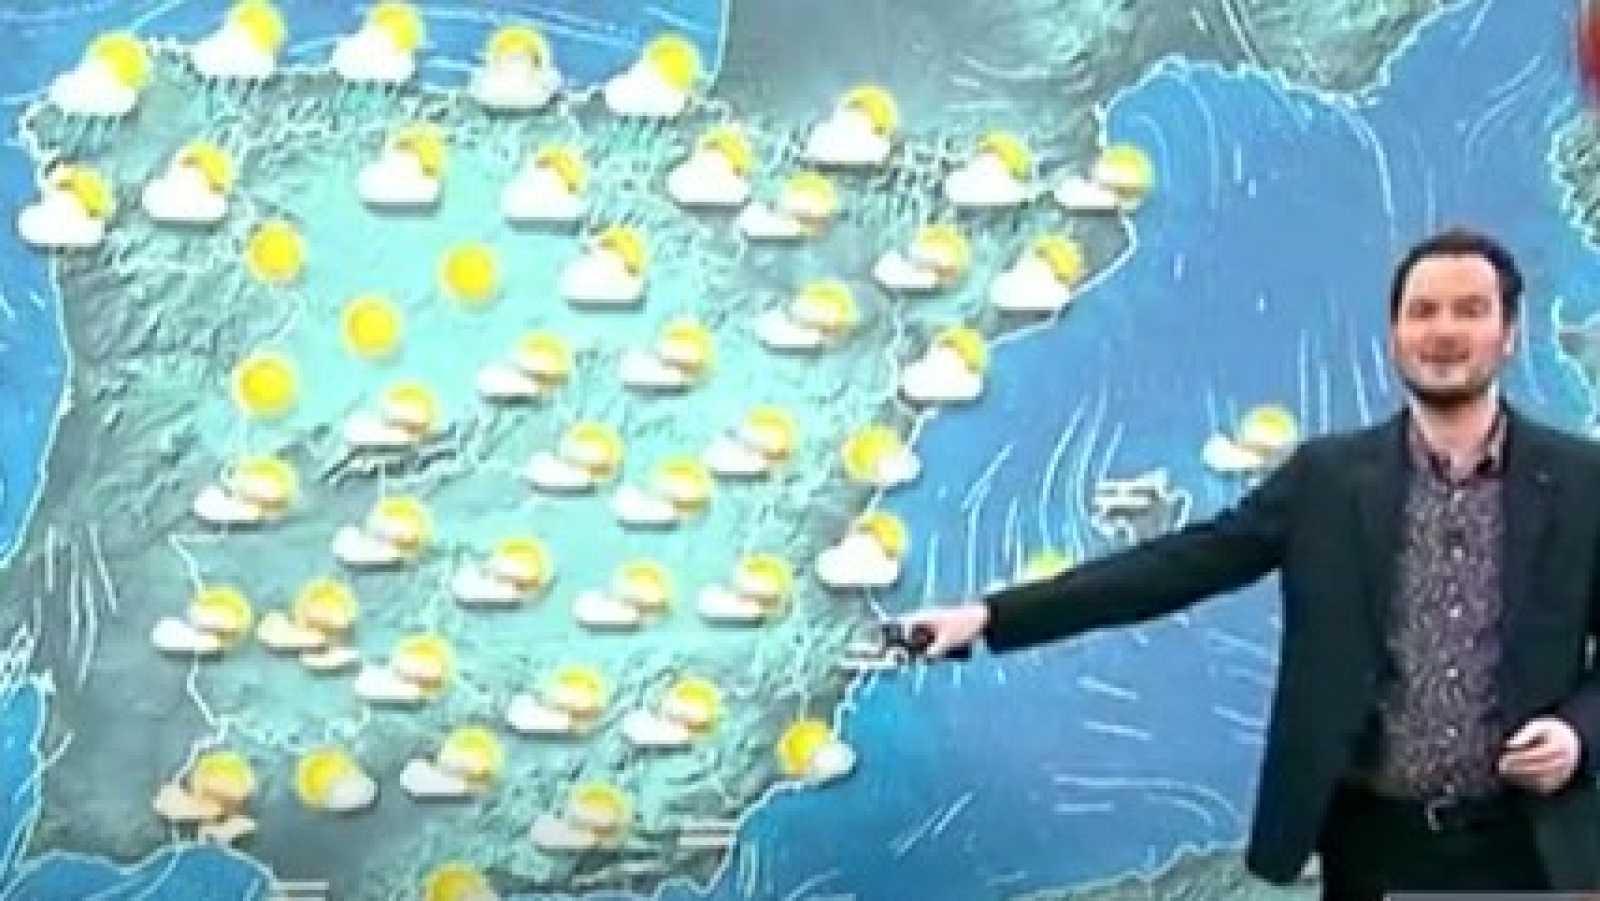 La Aemet prevé cielo nuboso y precipitaciones en el extremo norte peninsular